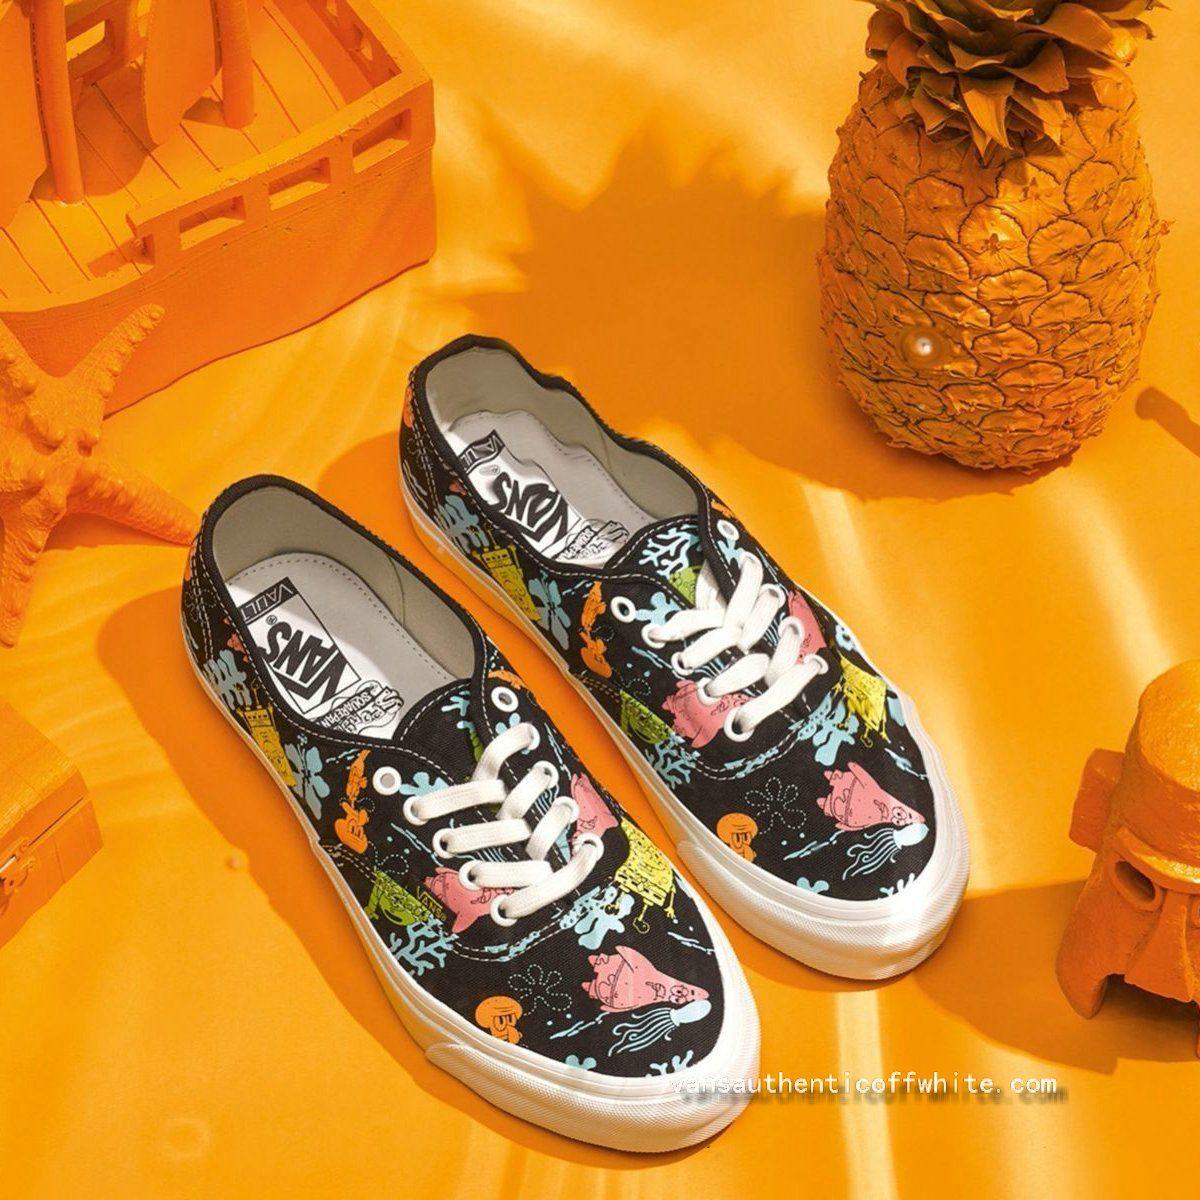 17fa91917e Official Vans Vault x SpongeBob OG Authentic LX Aloha Blue Skate Shoe For  Sale-www.vansauthenticoffwhite.com